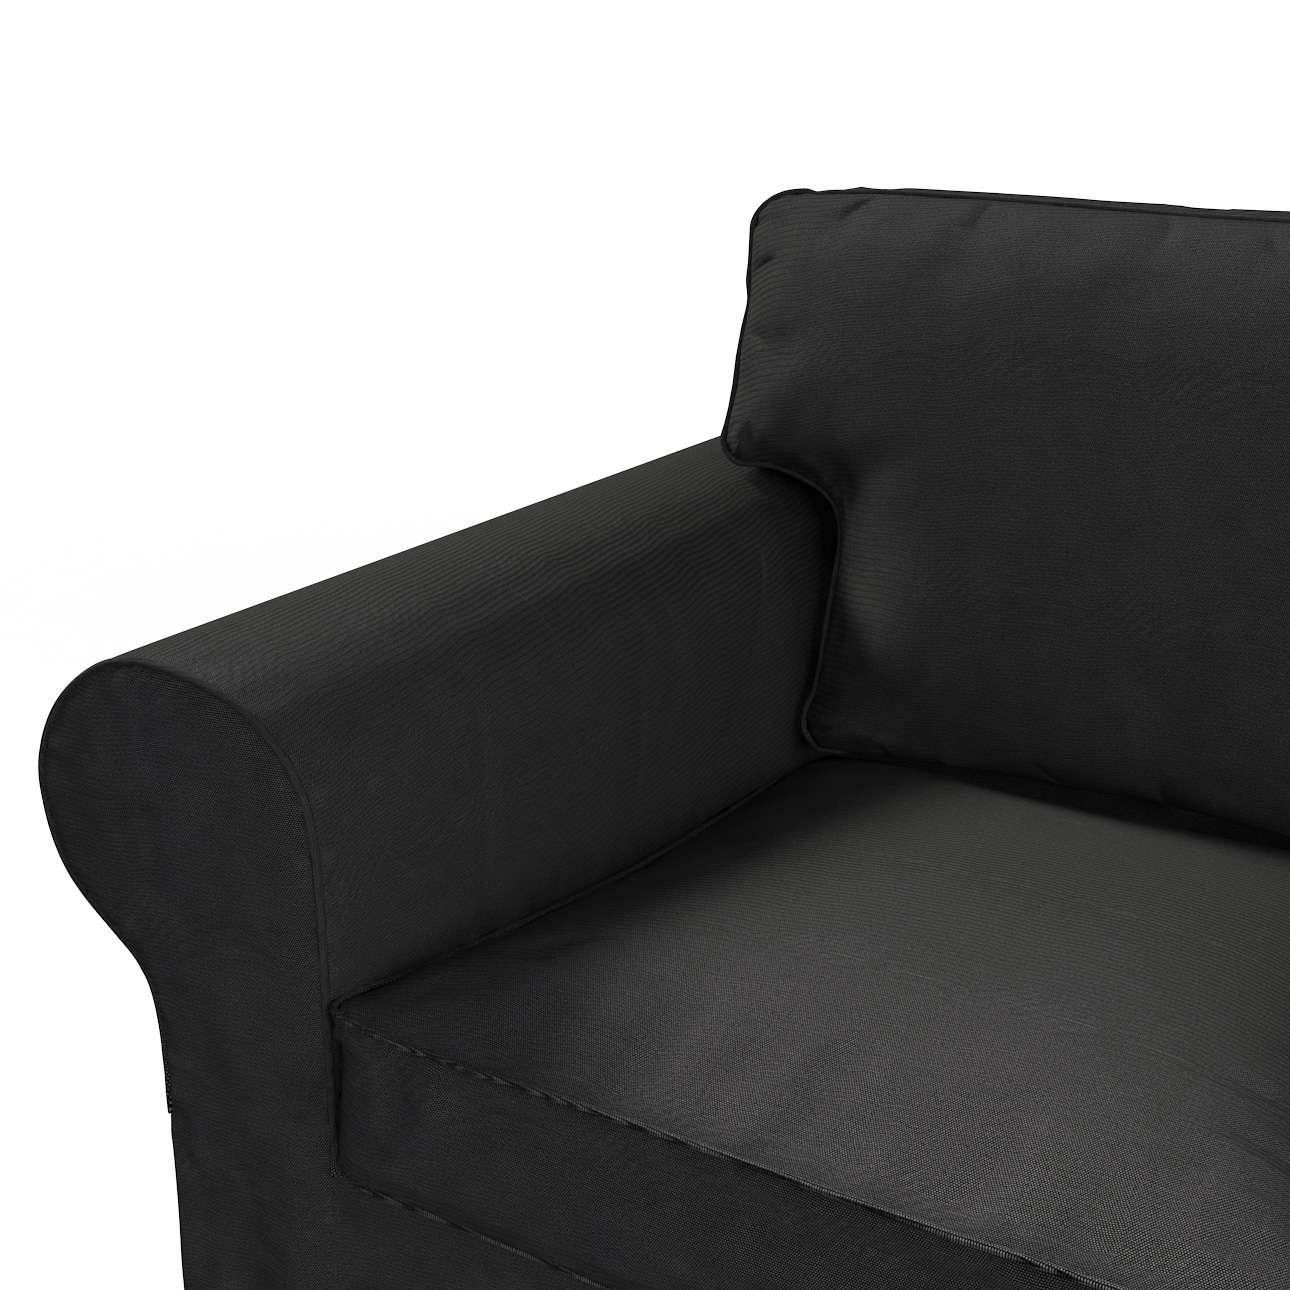 Ektorp dvivietės sofos užvalkalas Ektorp dvivietės sofos užvalkalas kolekcijoje Etna , audinys: 705-00